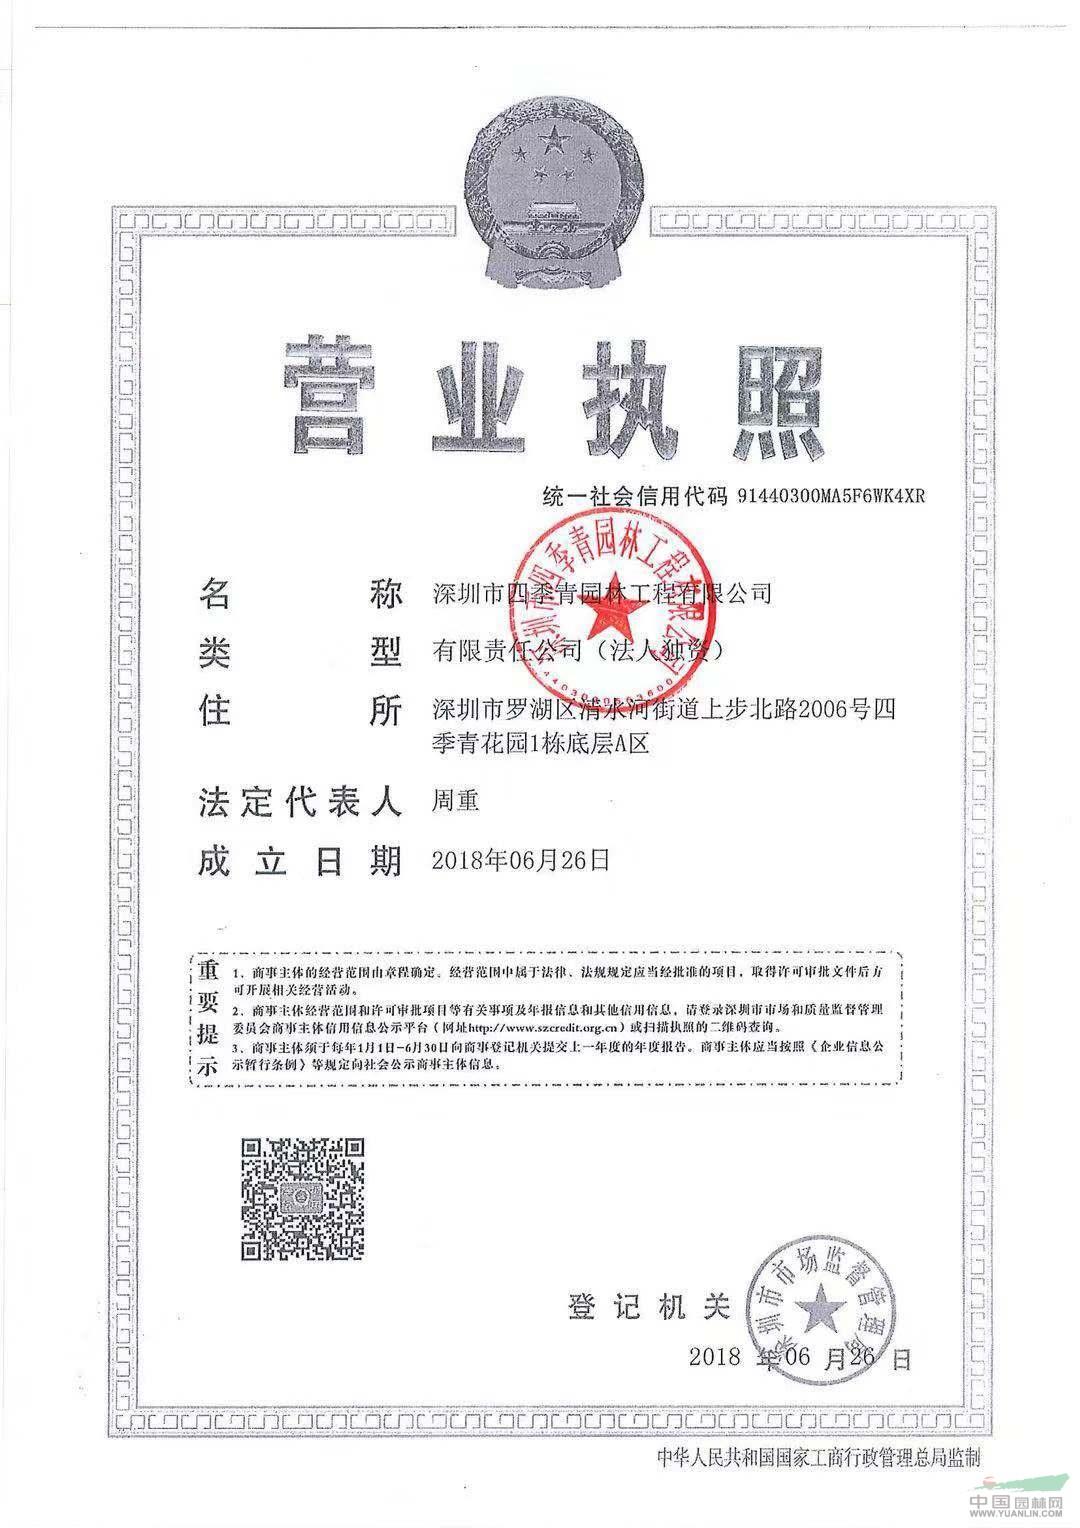 深圳市四季青园林工程有限公司